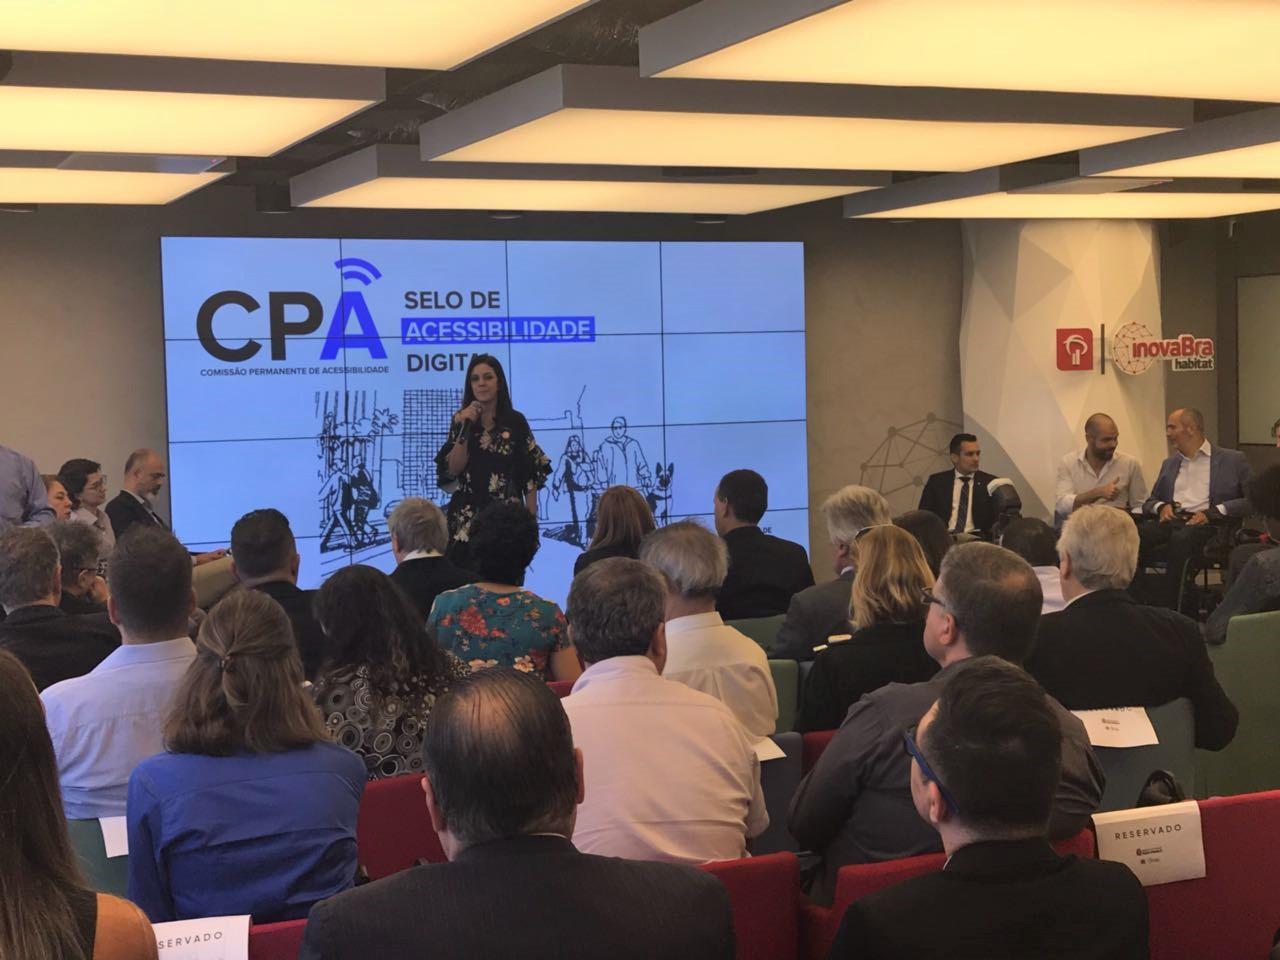 """Foto da Simone Freire em pé, segurando um microfone na frente de um público sentado em uma sala fechada. Ao fundo, há um telão com o texto """"CPA - Comissão Permanente de Acessibilidade. Selo de Acessibilidade Digital""""."""